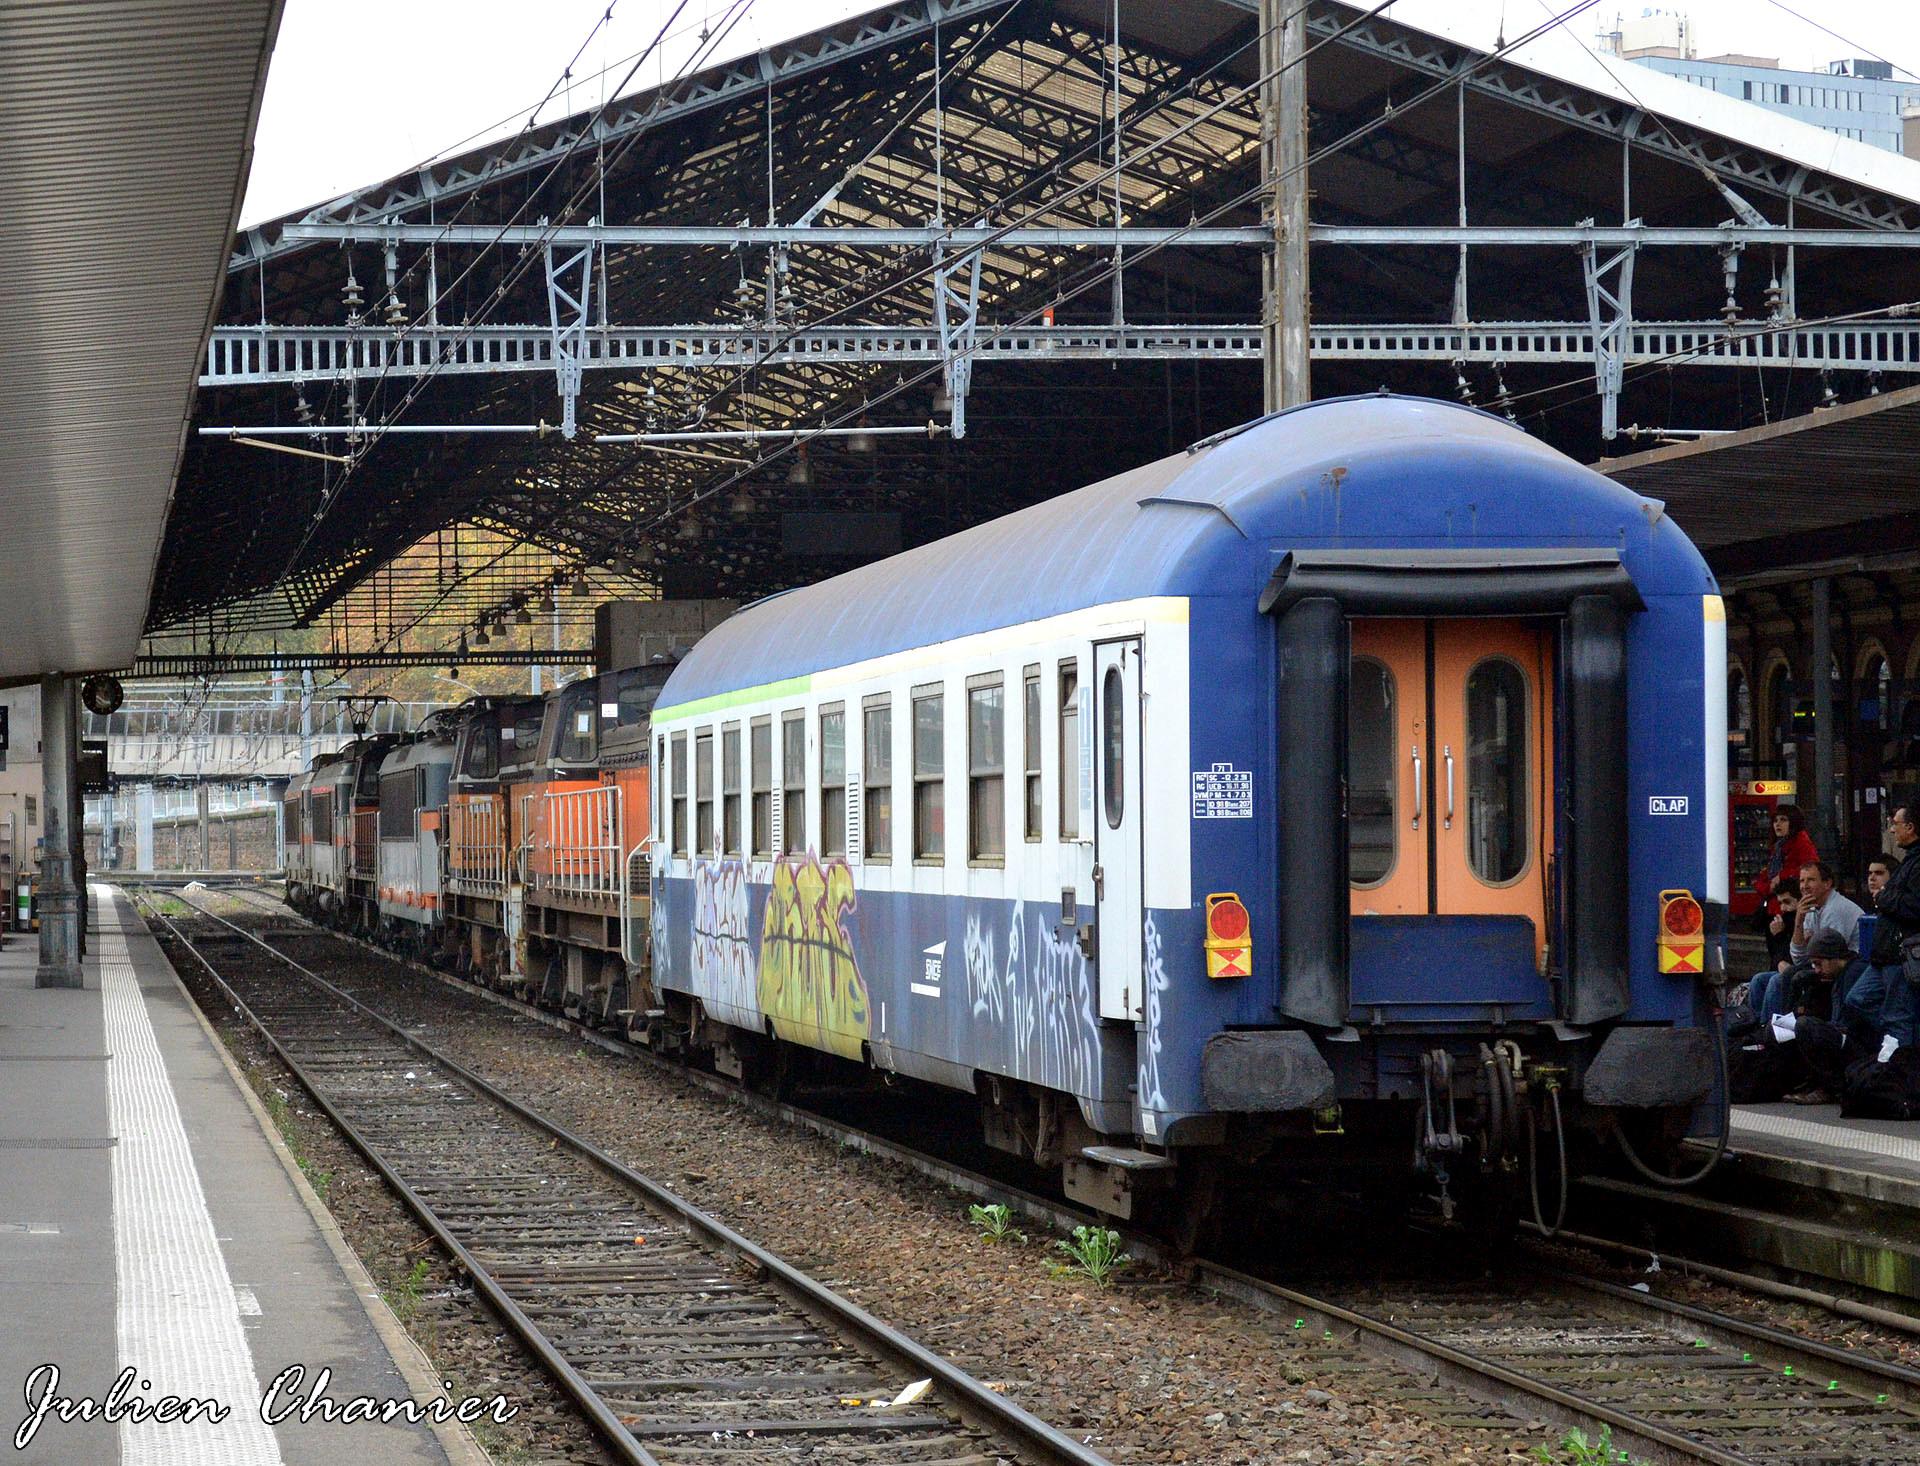 Pk 256,4 : Gare de Toulouse Matabiau (31) - Page 5 480945TMDETAIL2